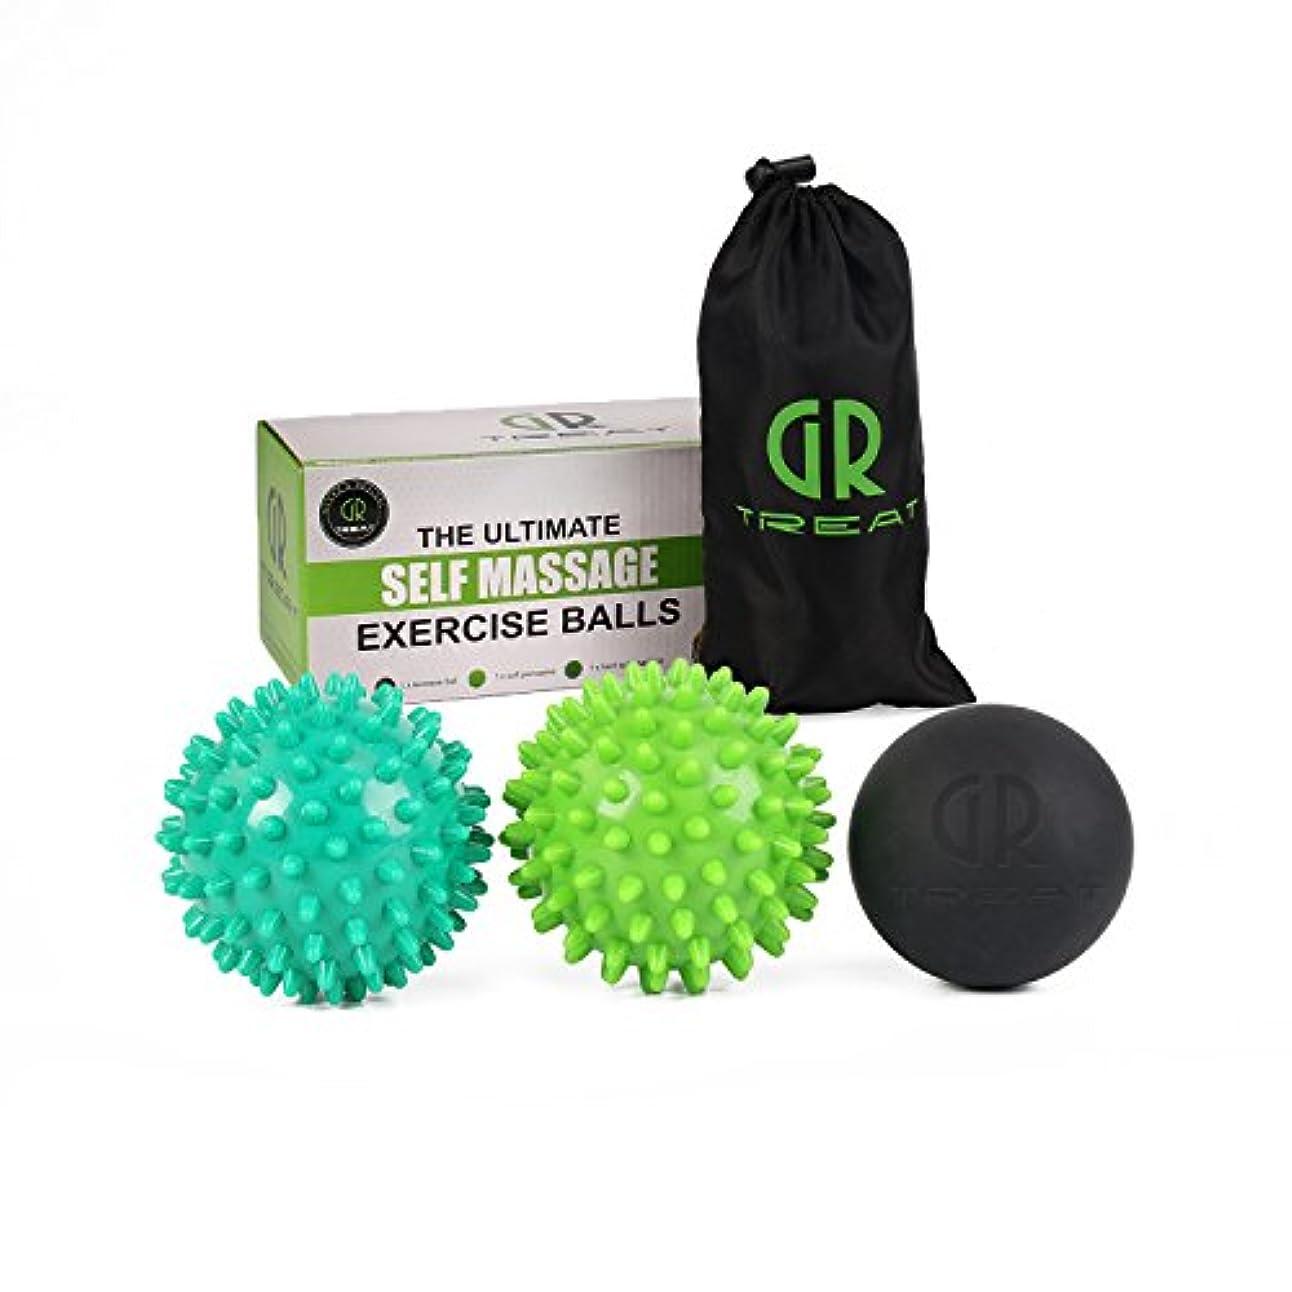 モットー盗賊お風呂を持っているGR マッサージ ボール マッサージボール 健康グッズ 健康器具 血液循環促進 緊張緩和 15cm